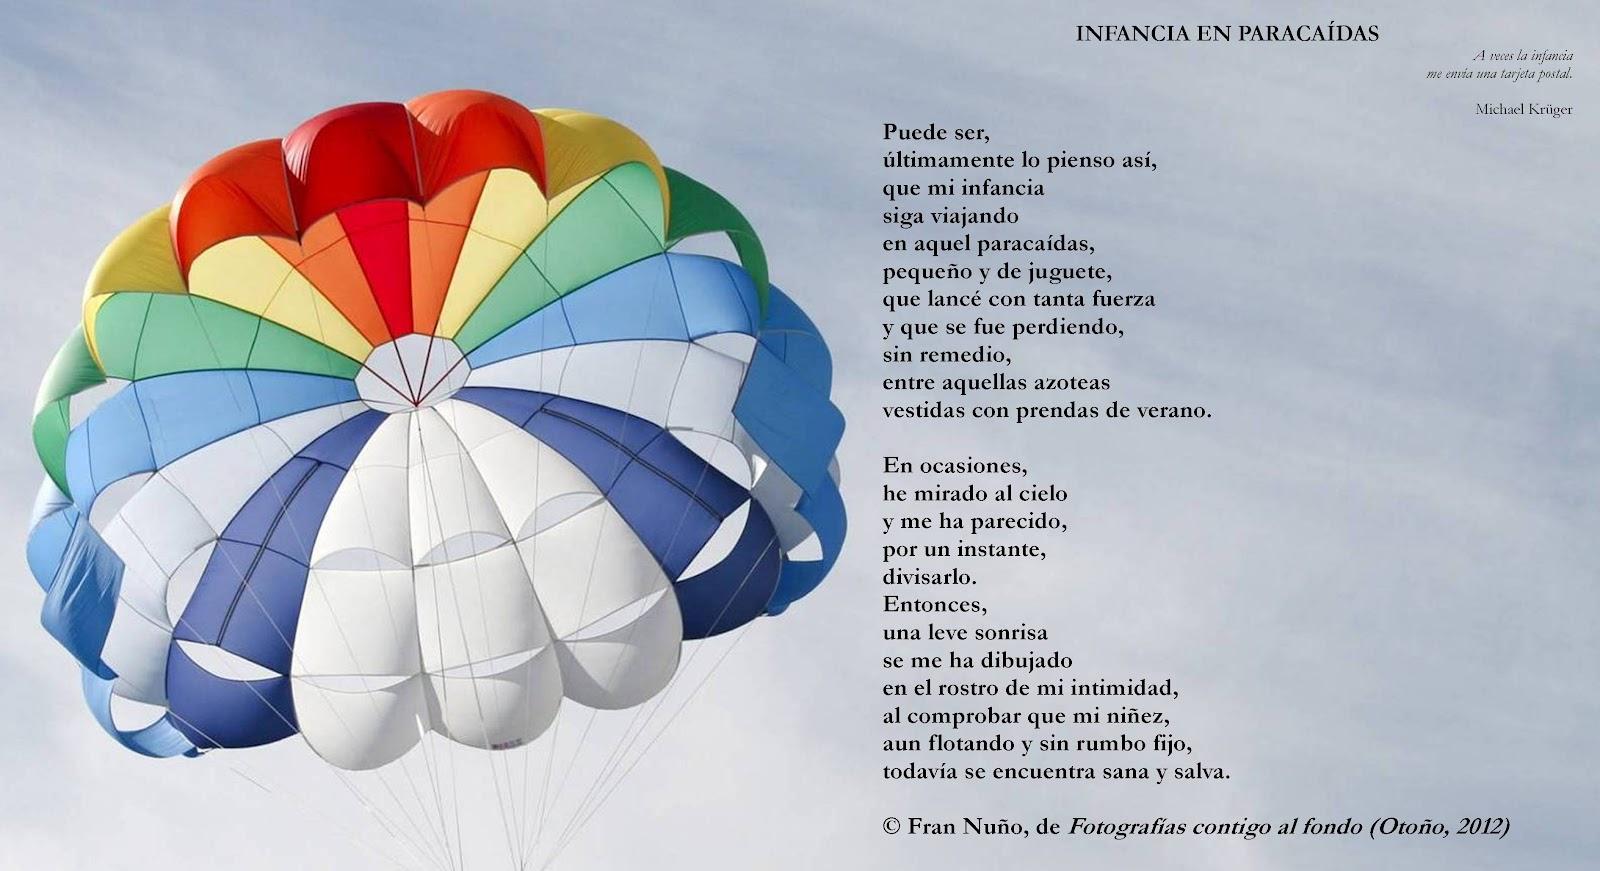 El cuaderno de Fran Nuño: INFANCIA EN PARACAÍDAS